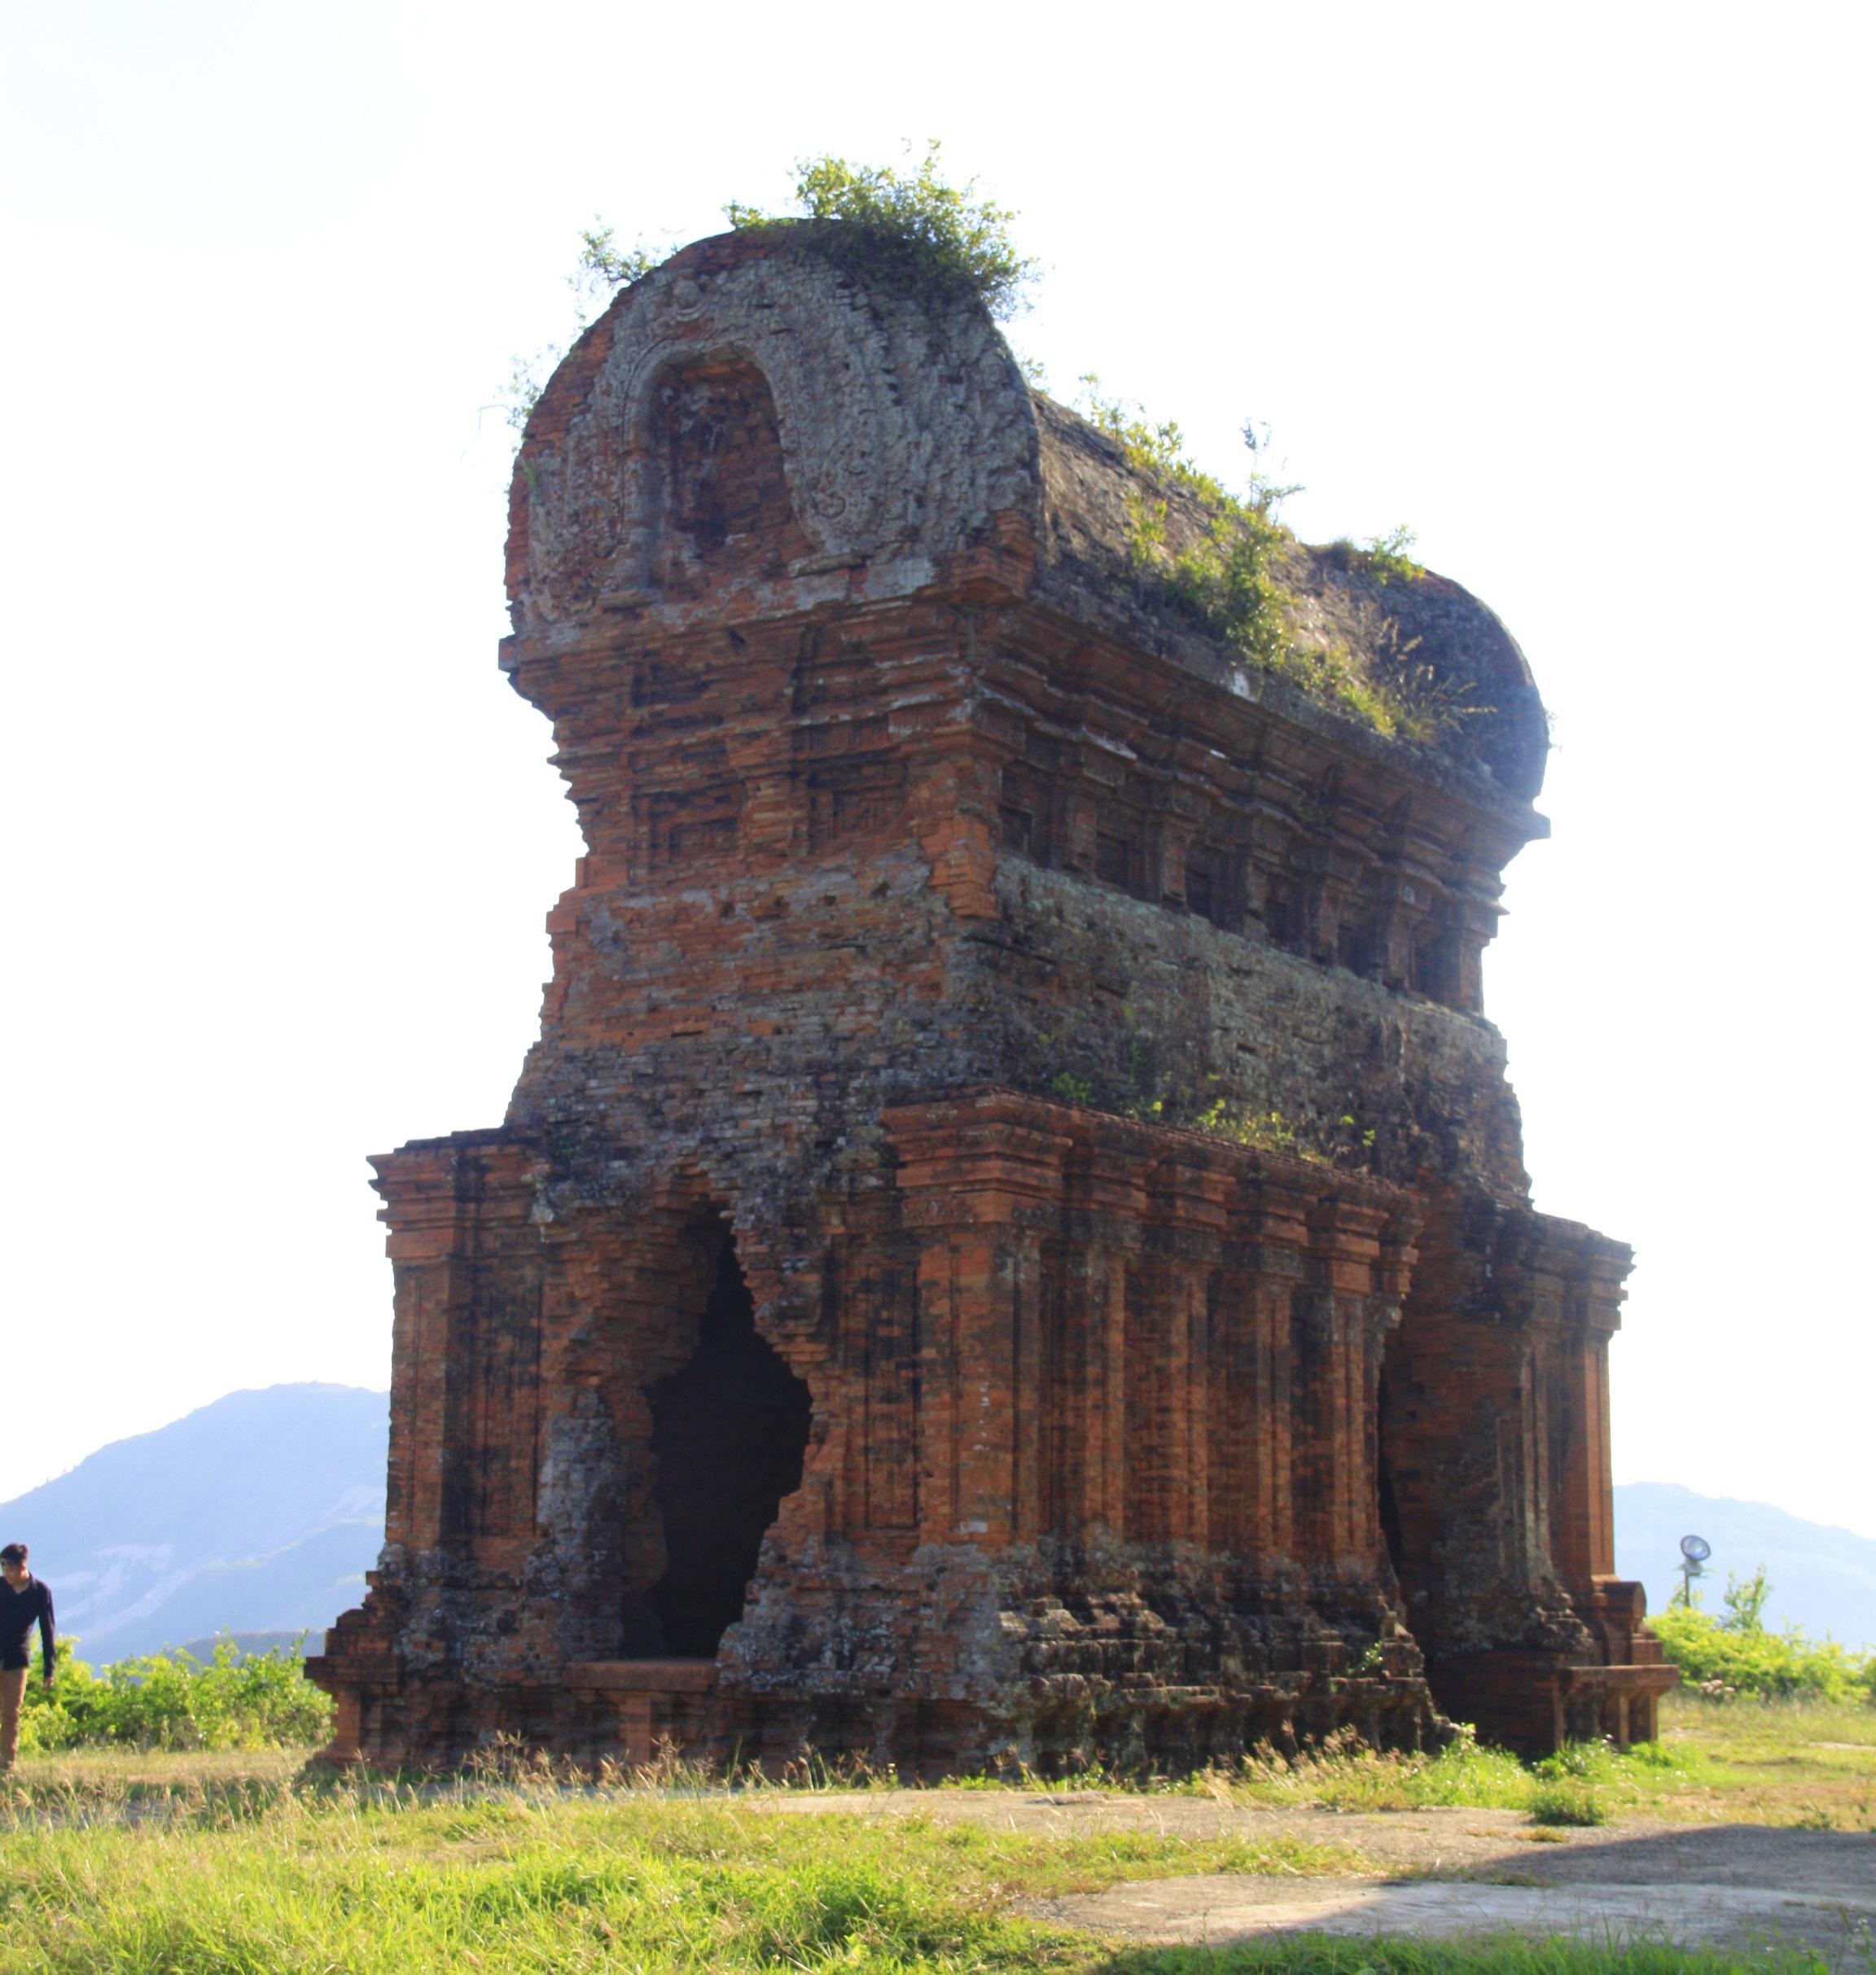 Cụm tháp Chăm ngàn tuổi độc đáo ở Bình Định hút khách check-in - Ảnh 5.